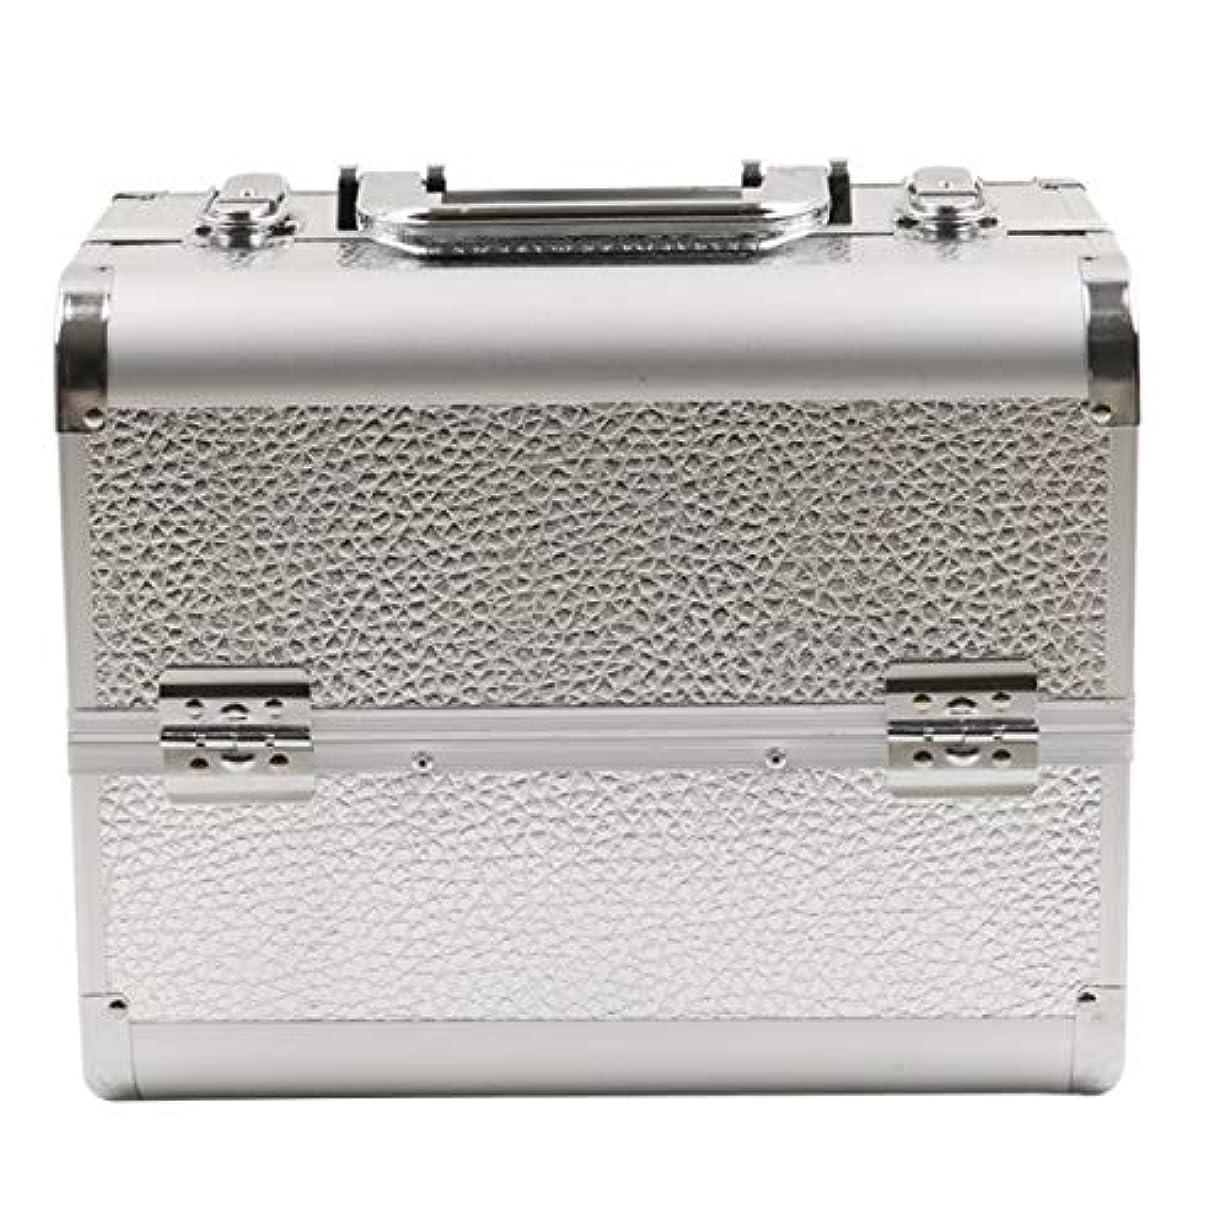 反発するパターン時々時々化粧品ケース、シルバーアルミ多層化粧品バッグ、ポータブル旅行多機能化粧品ケース、美容ネイルジュエリー収納ボックス